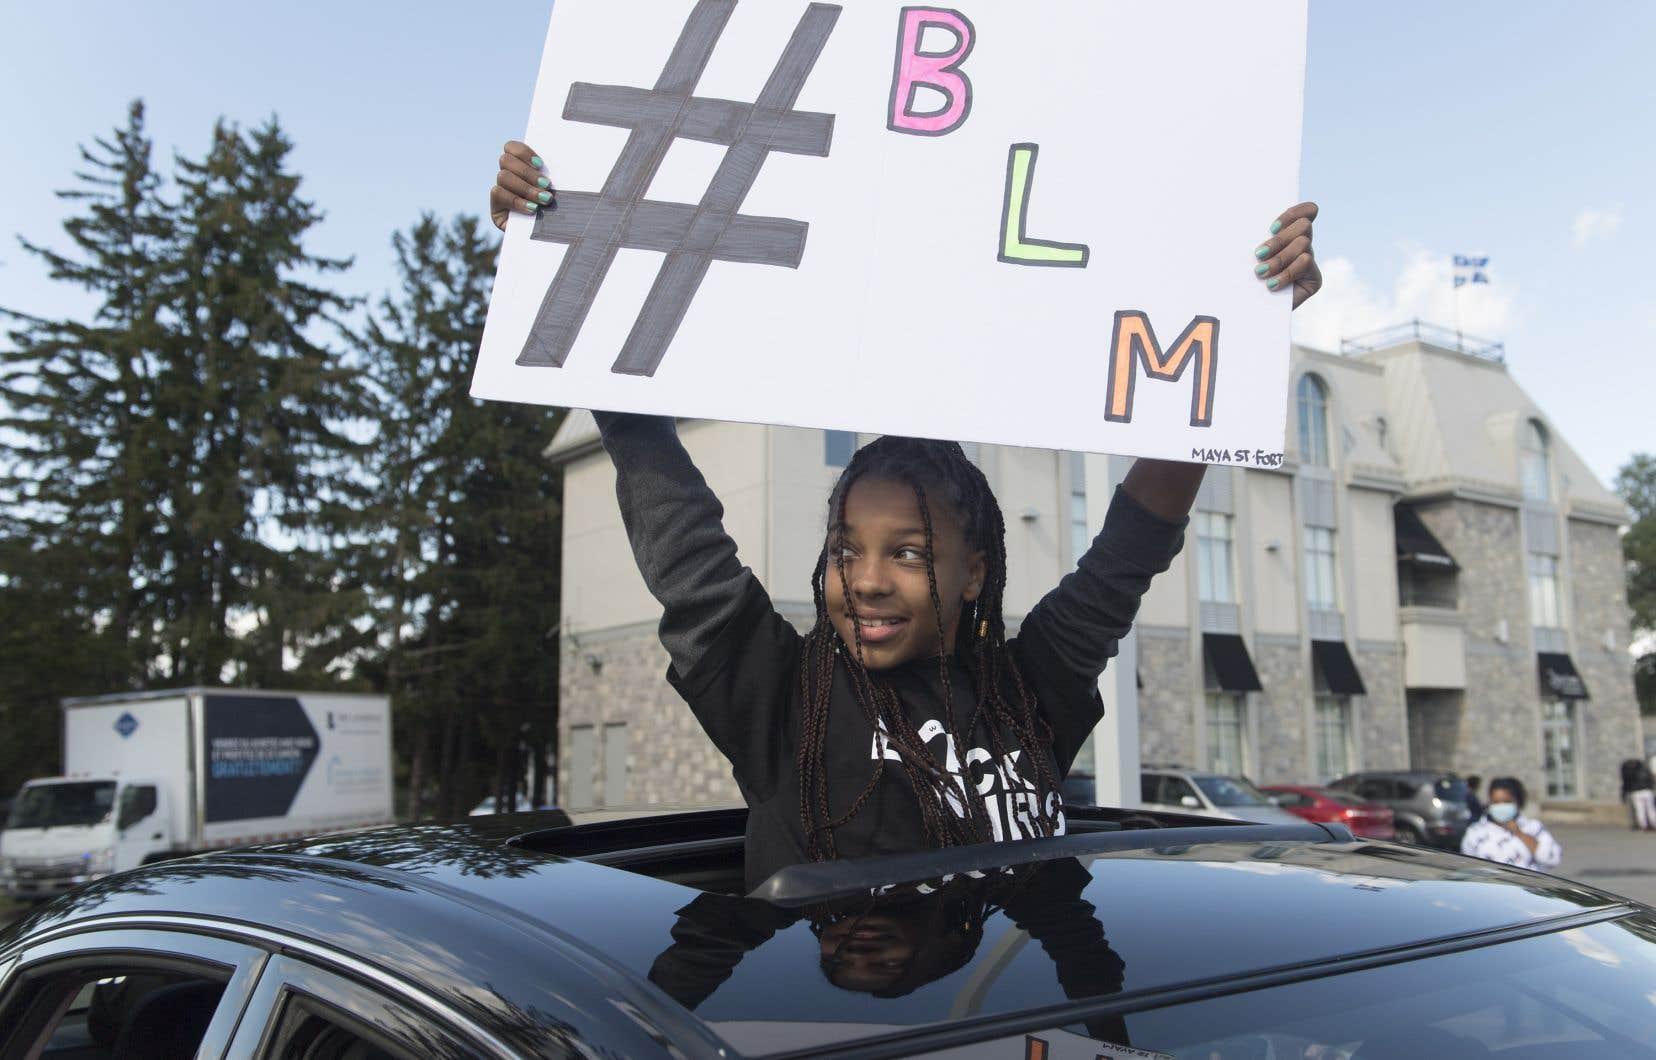 Le convoi d'automobilistes s'est rendu dimanche au bureau de comté du premier ministre François Legault, à L'Assomption, pour protester contre le profilage racial.